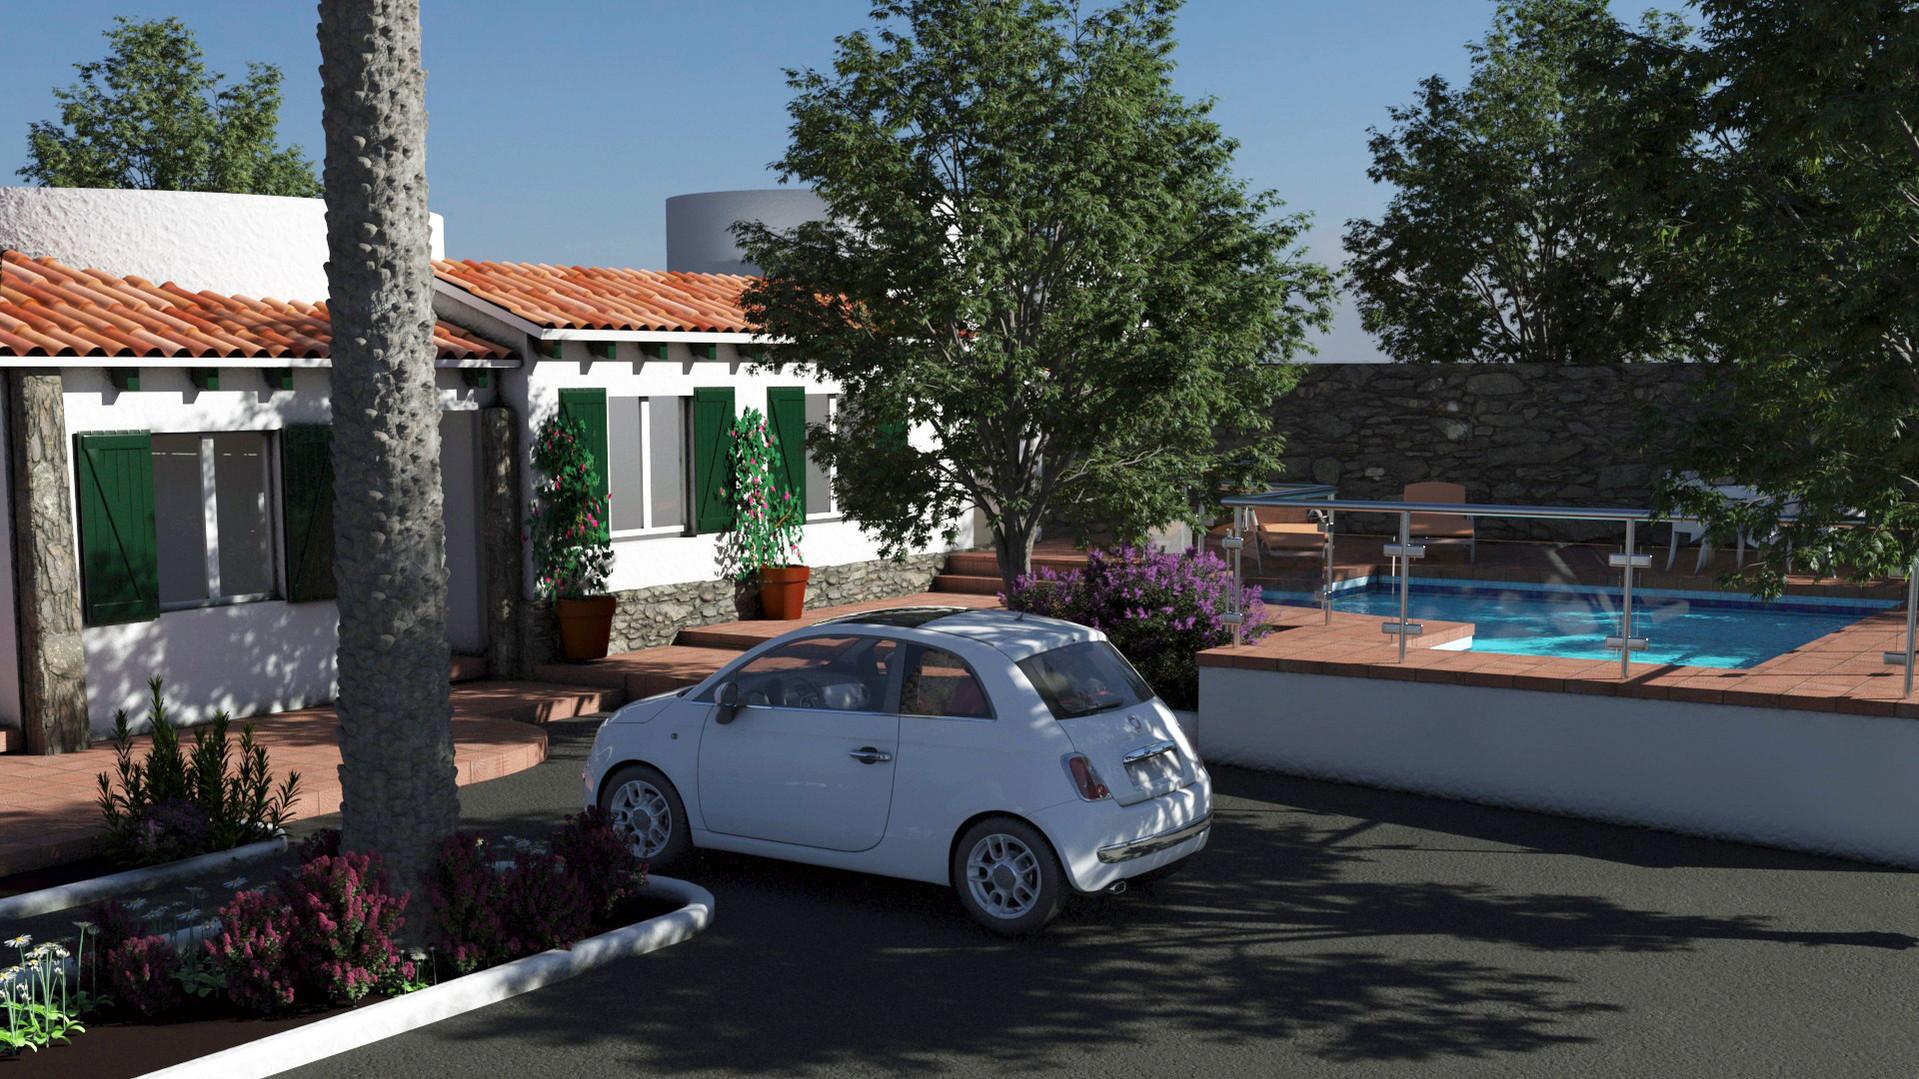 Calan Porter Villa view from street